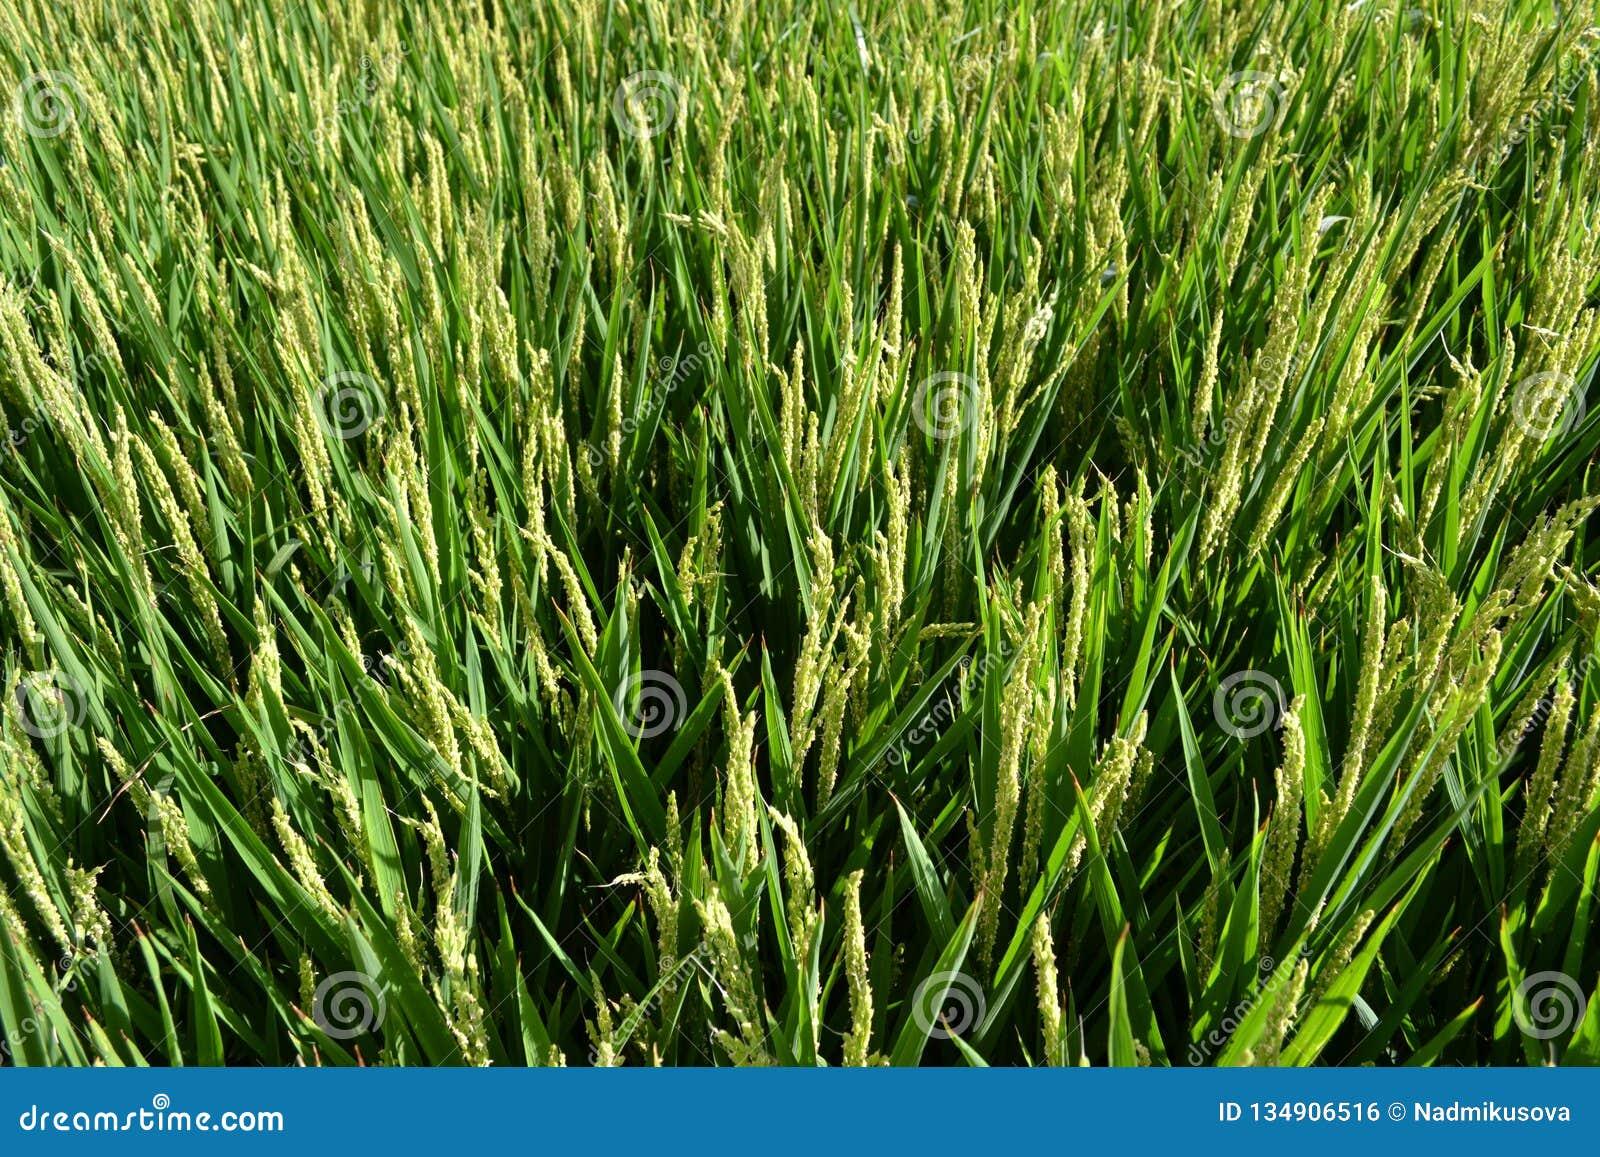 Hermosa vista para poner verde el campo del arroz en un día de verano soleado